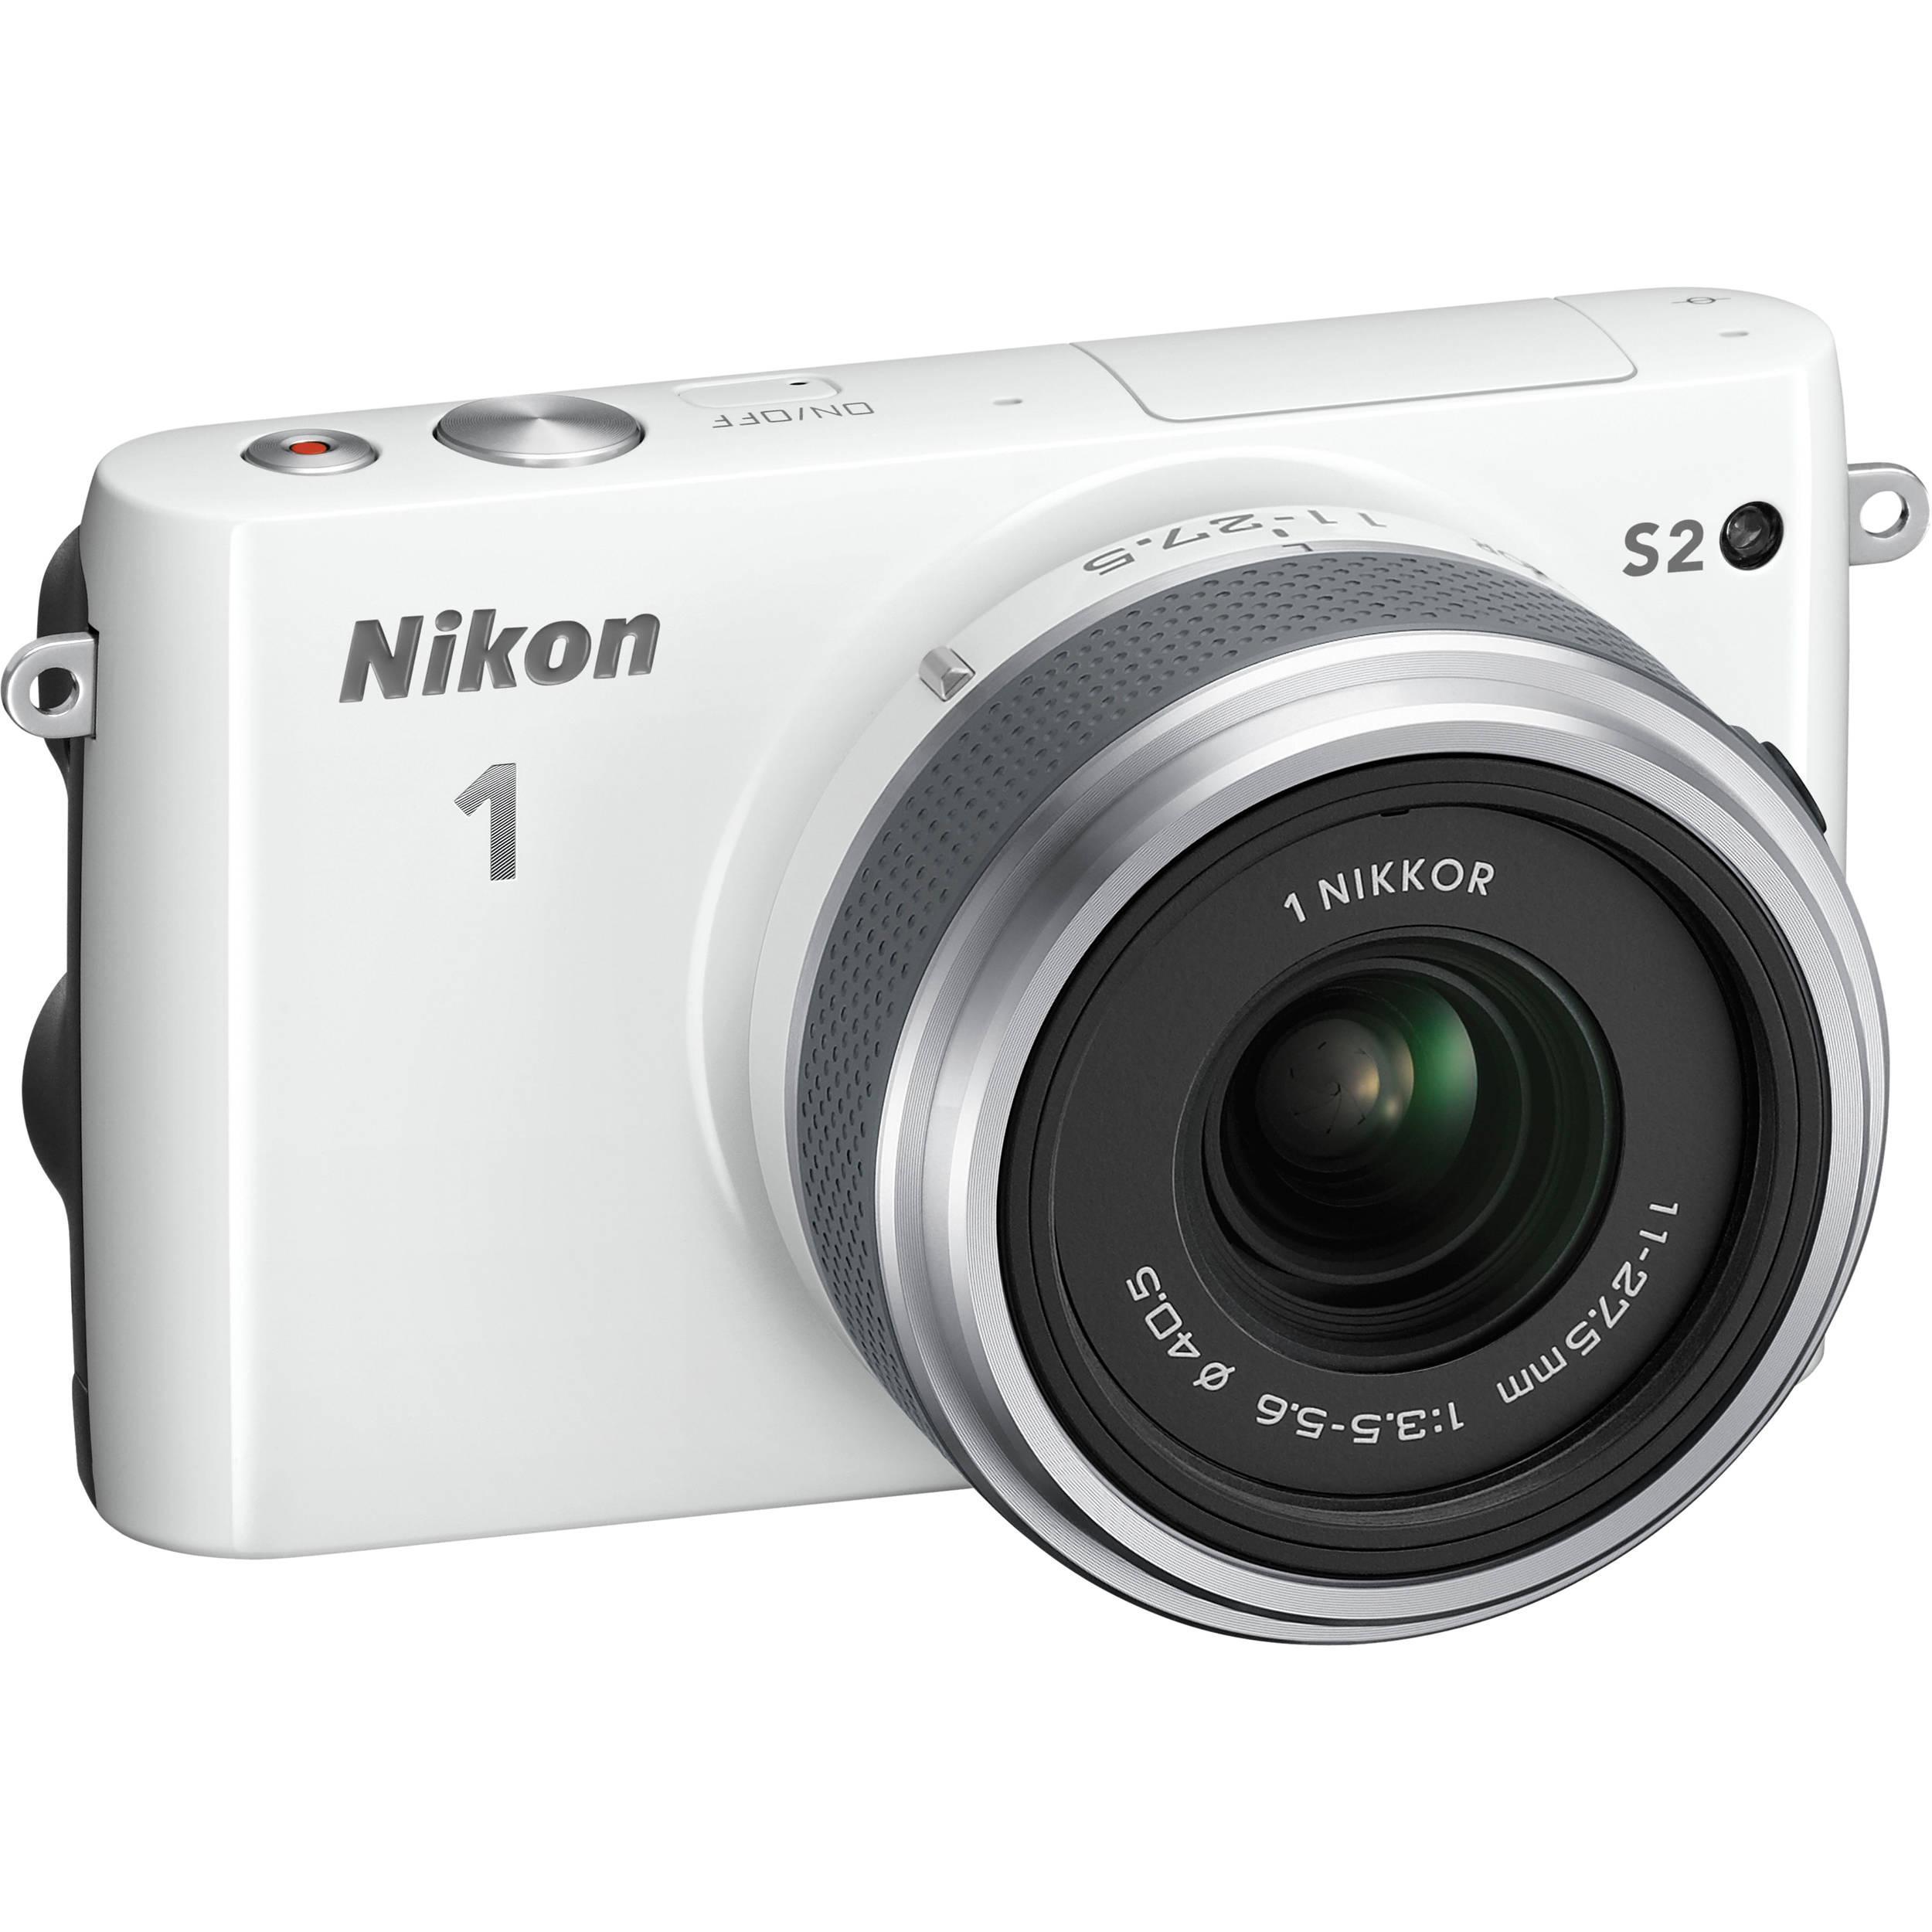 Nikon 1 S2 Híbrido 14,2 - Preto